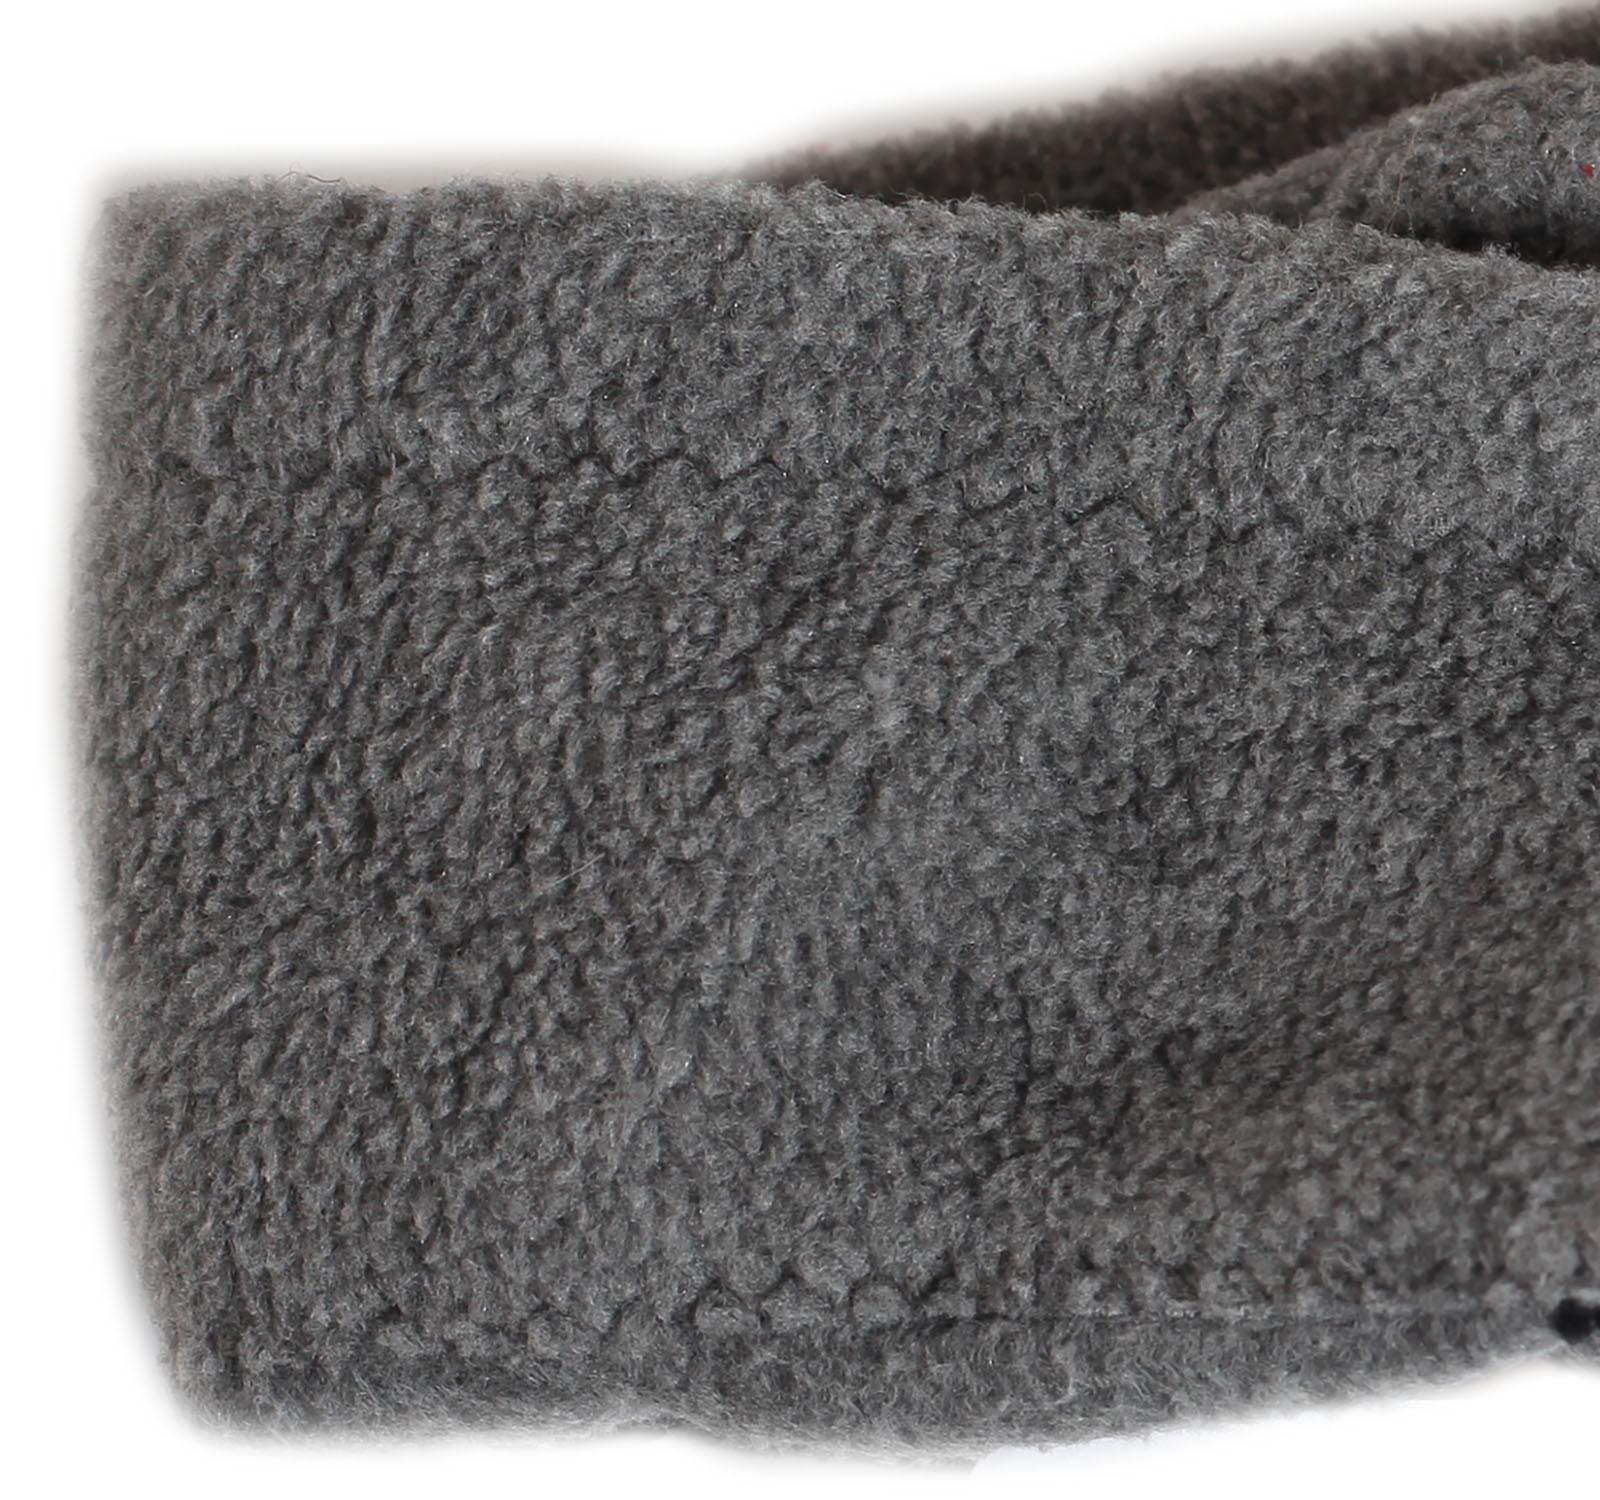 Купить зимнюю мужскую шапку Colas с меховой подкладкой по выгодной цене